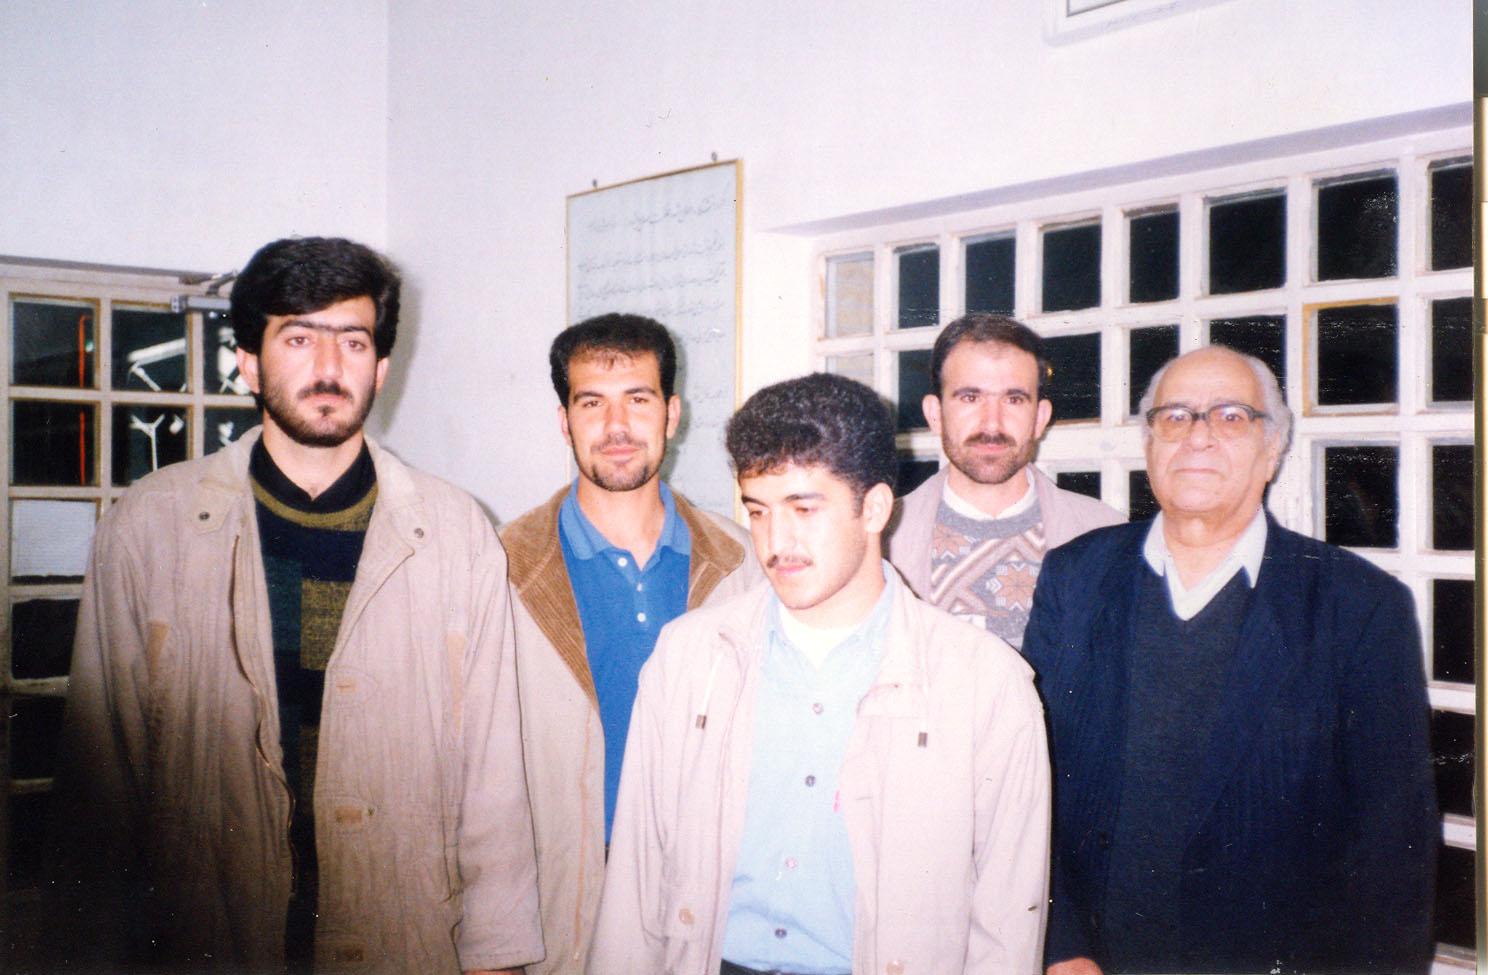 مهرداد ، من ، مشفق کاشانی ، داریوش همتی ، حمدالله لطفی